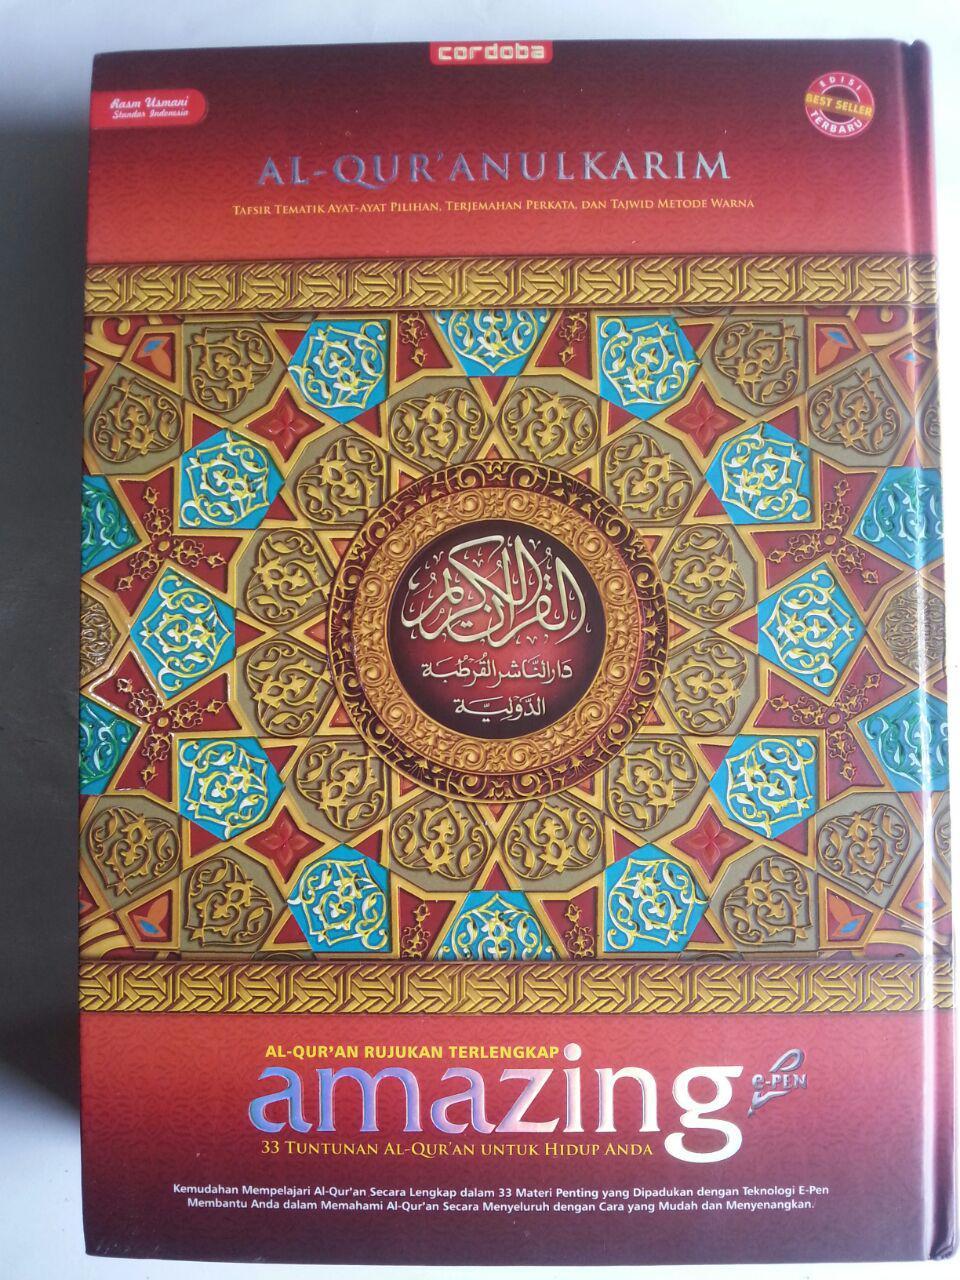 Al-Qur'an Amazing Rujukan Terlengkap 33 Tuntunan Untuk Hidup cover 4